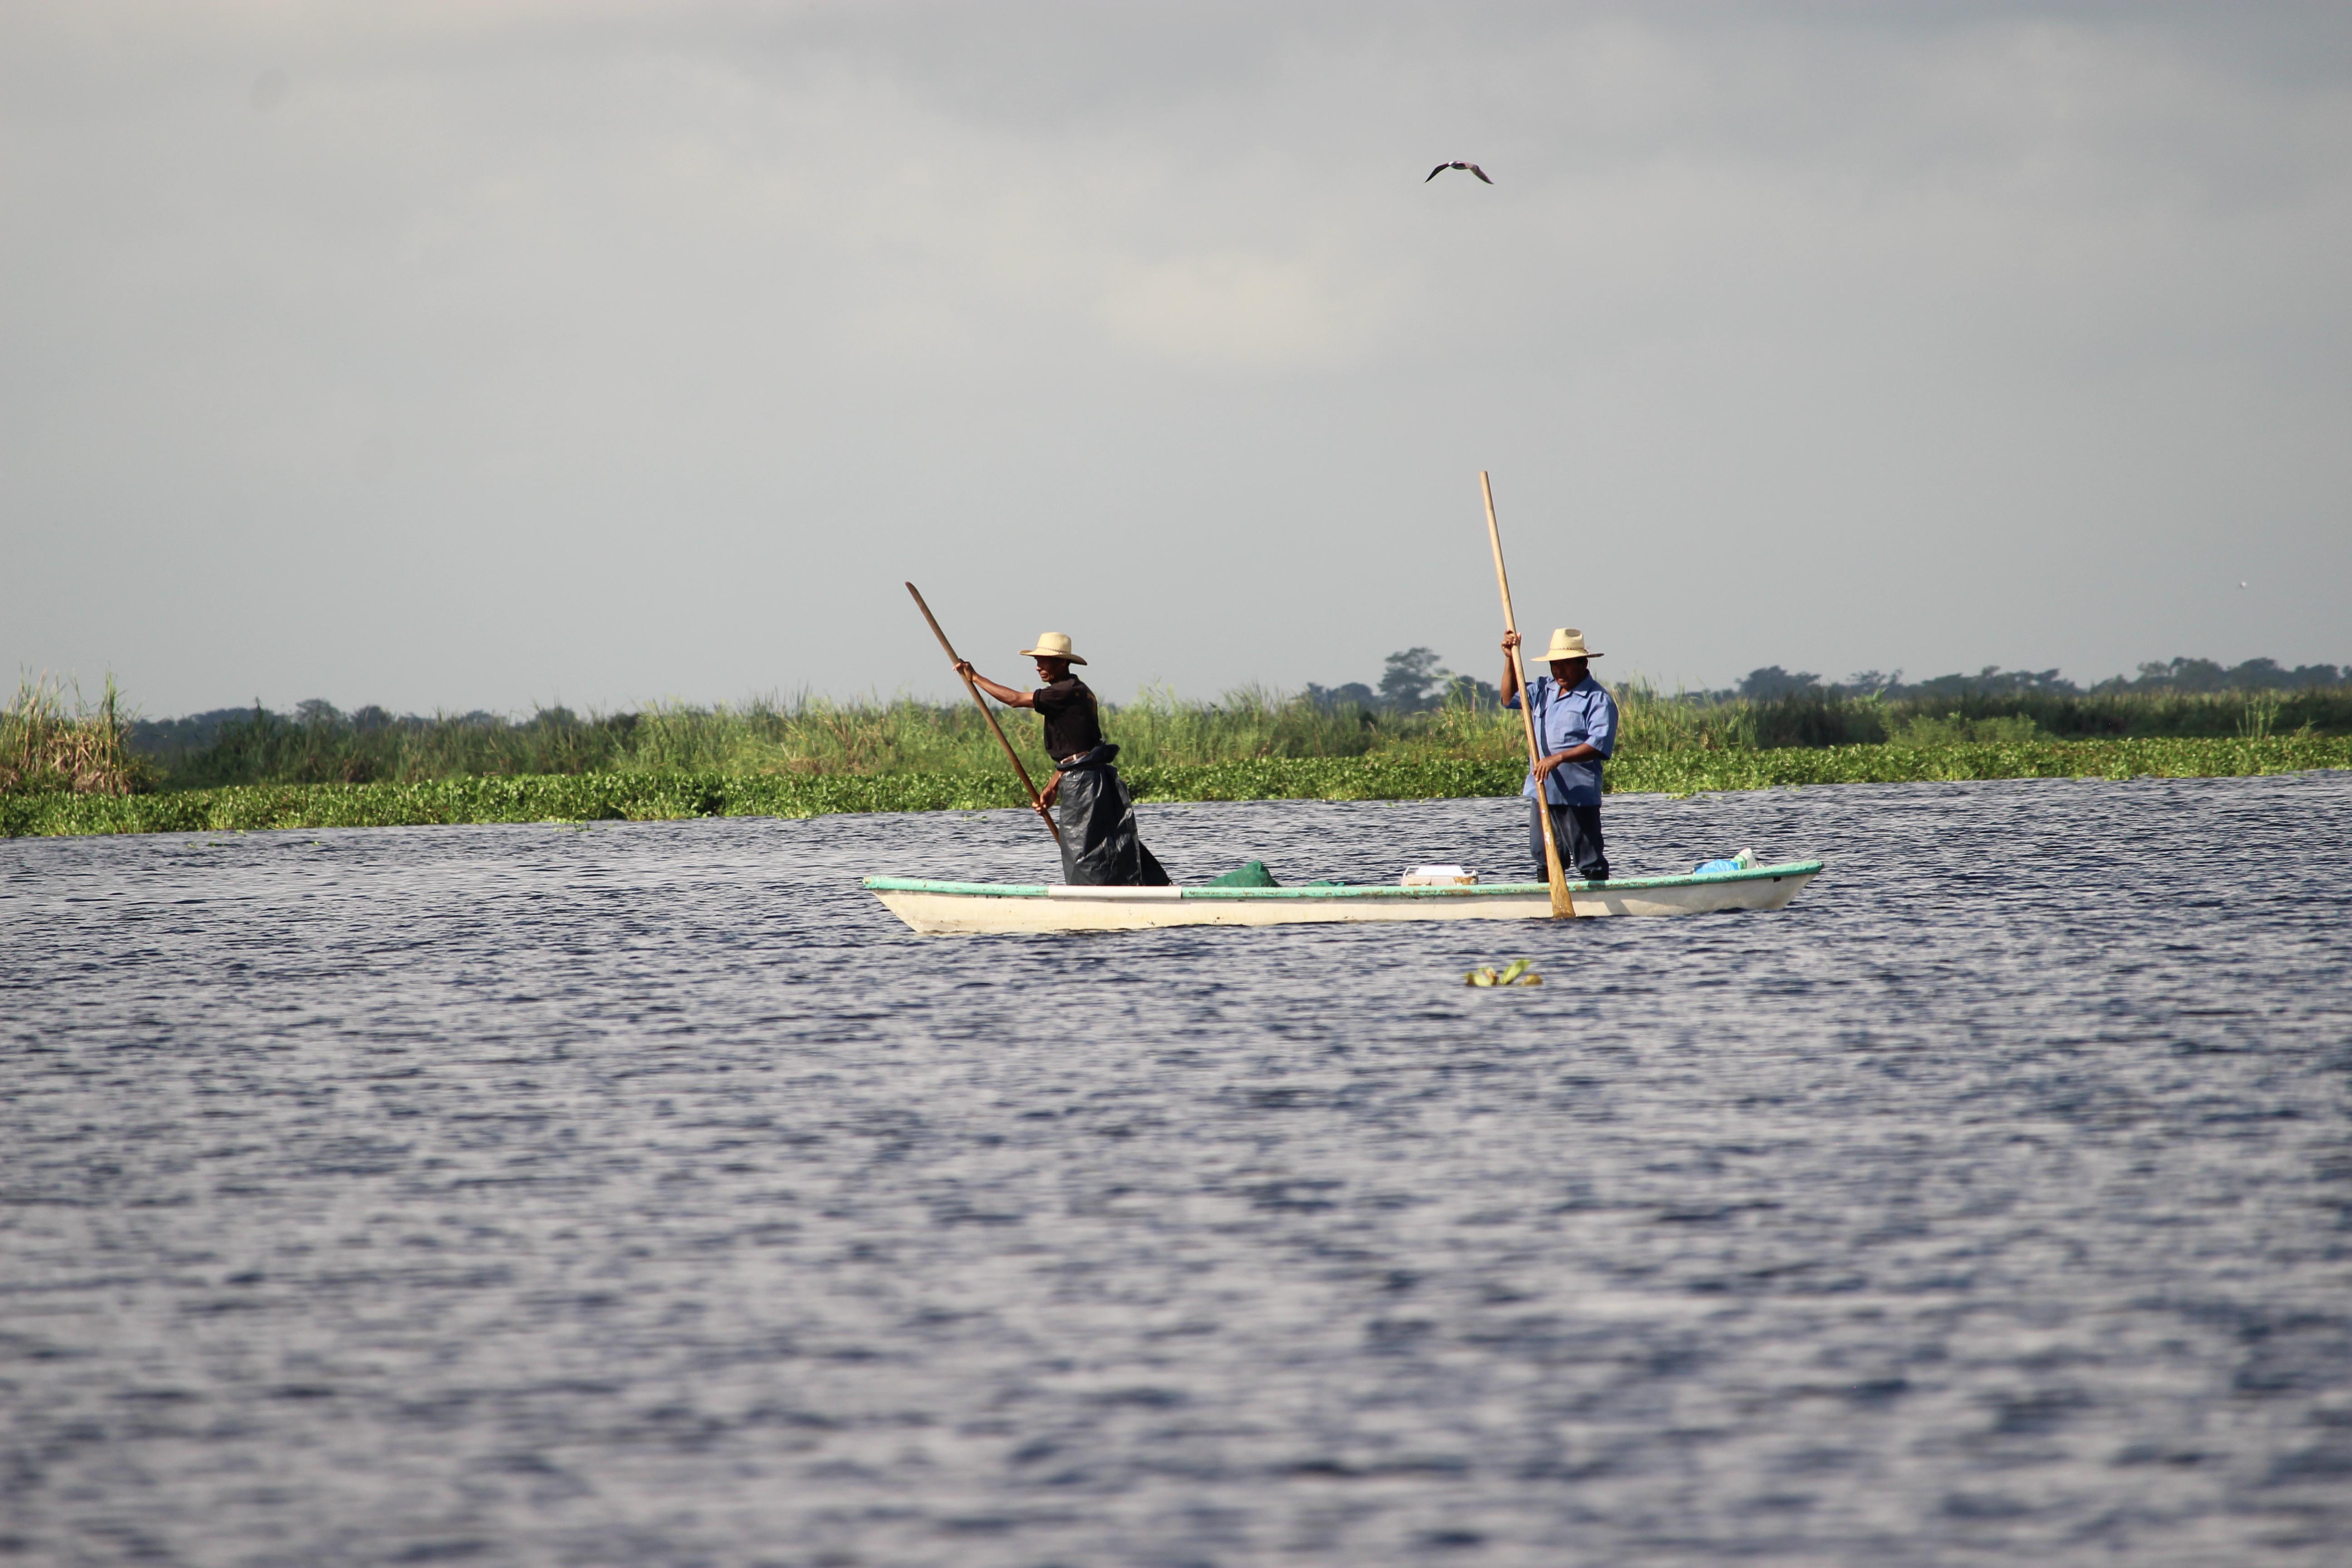 Personas sobre una lancha en los humedales de Nacajuca en Tabasco, remando avistando la presencia de aves y mamíferos.